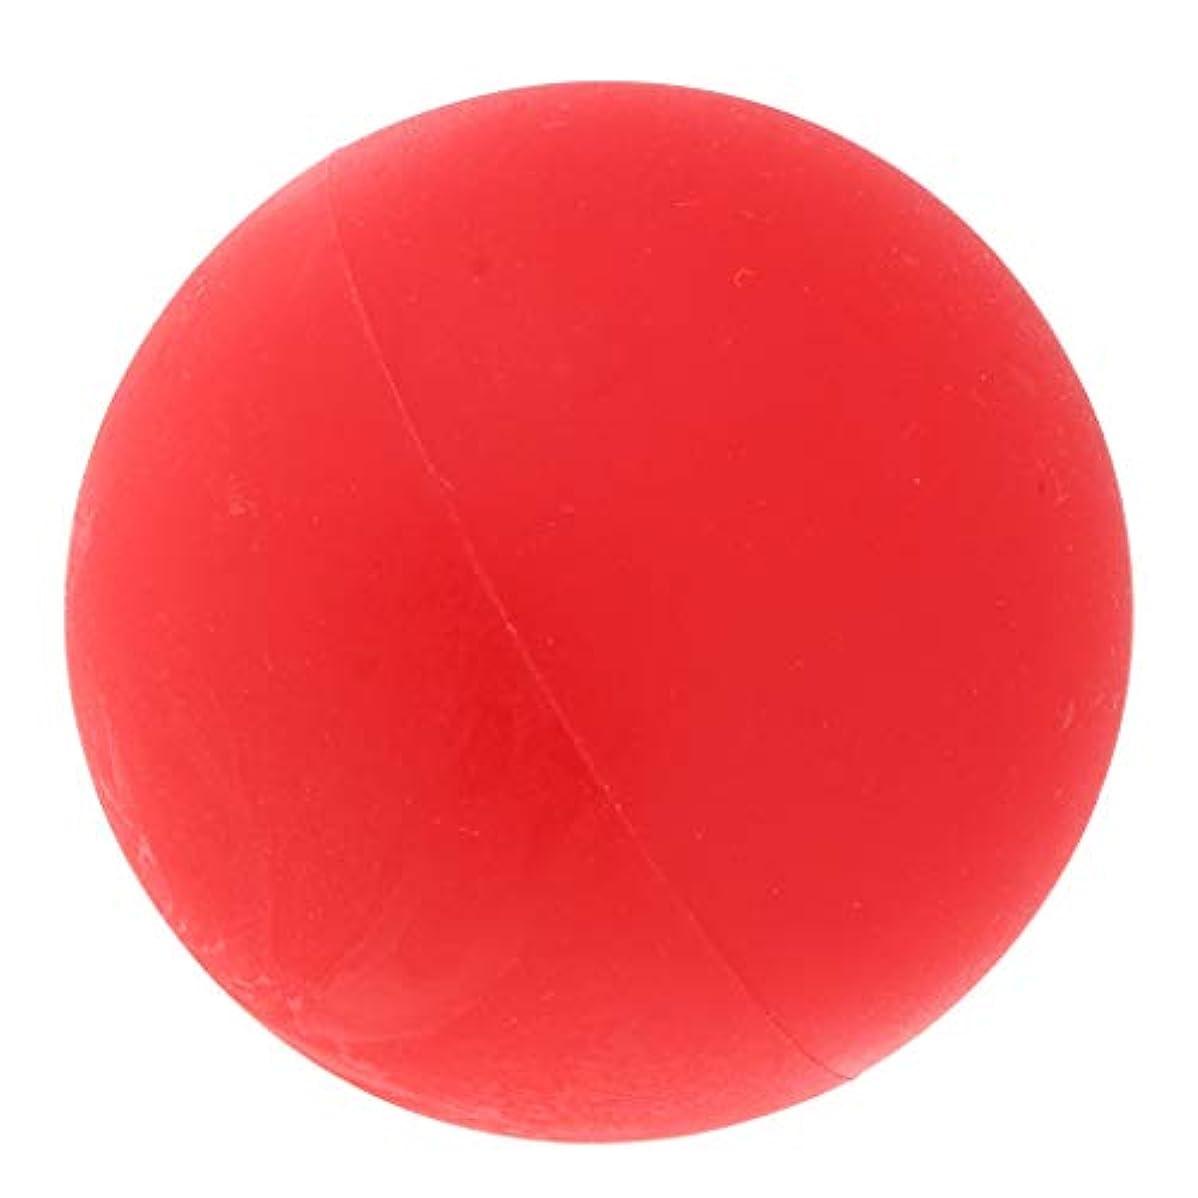 シャトル機会促すマッサージボール ヨガボール トリガーポイント 筋膜リリース 緊張緩和 健康グッズ 全4色 - 赤